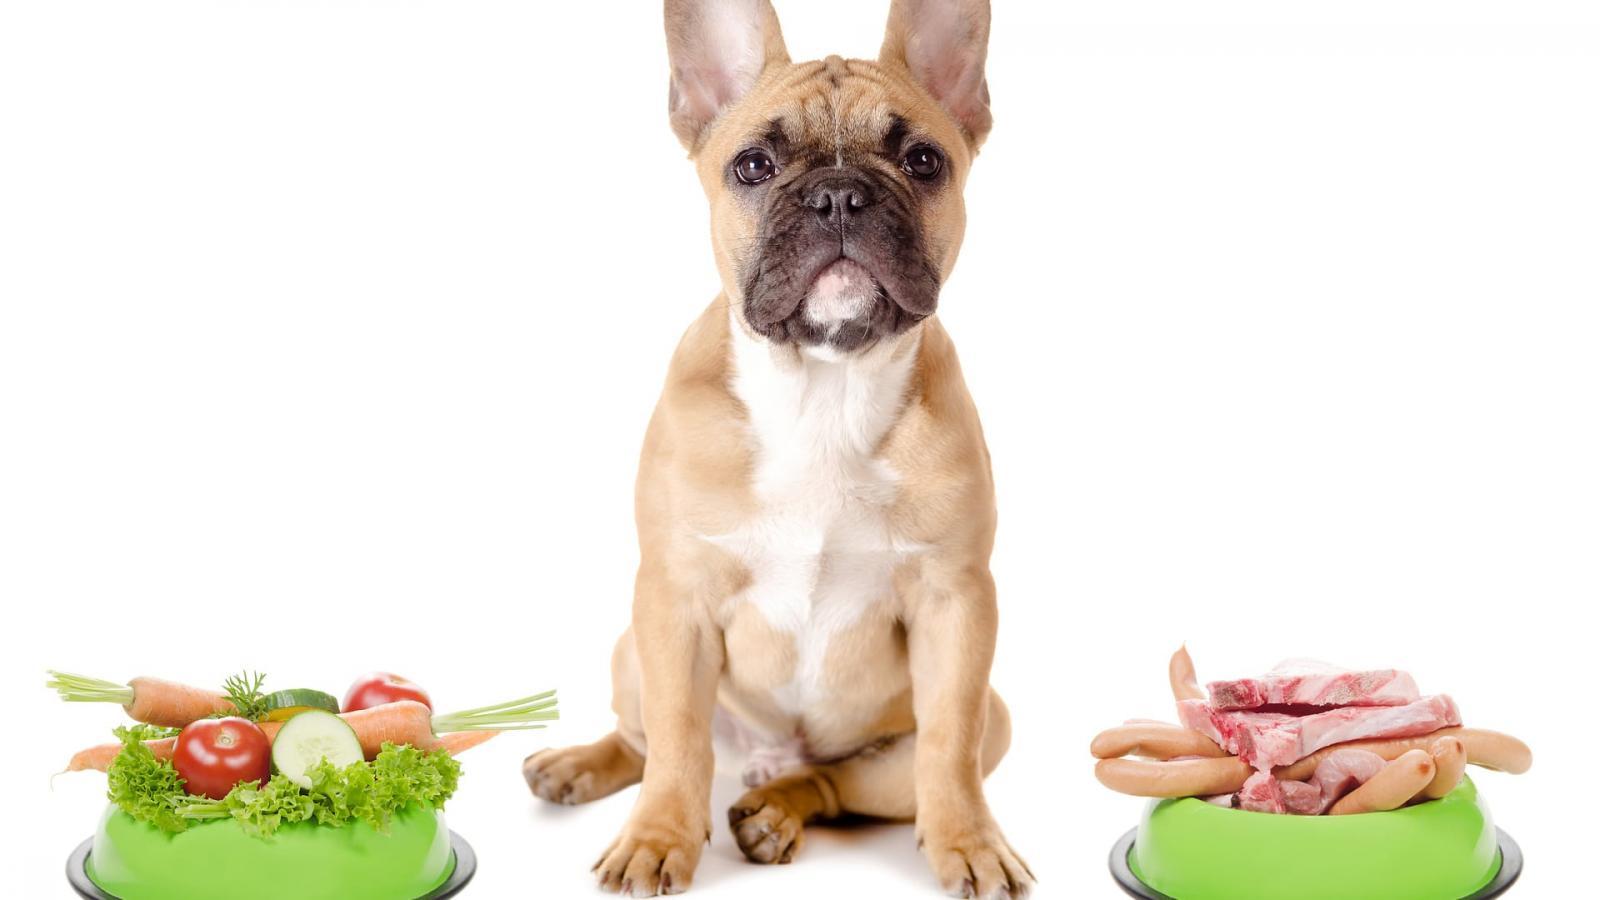 Fleischloses Futter: Kann man seinen Hund vegetarisch ernähren?